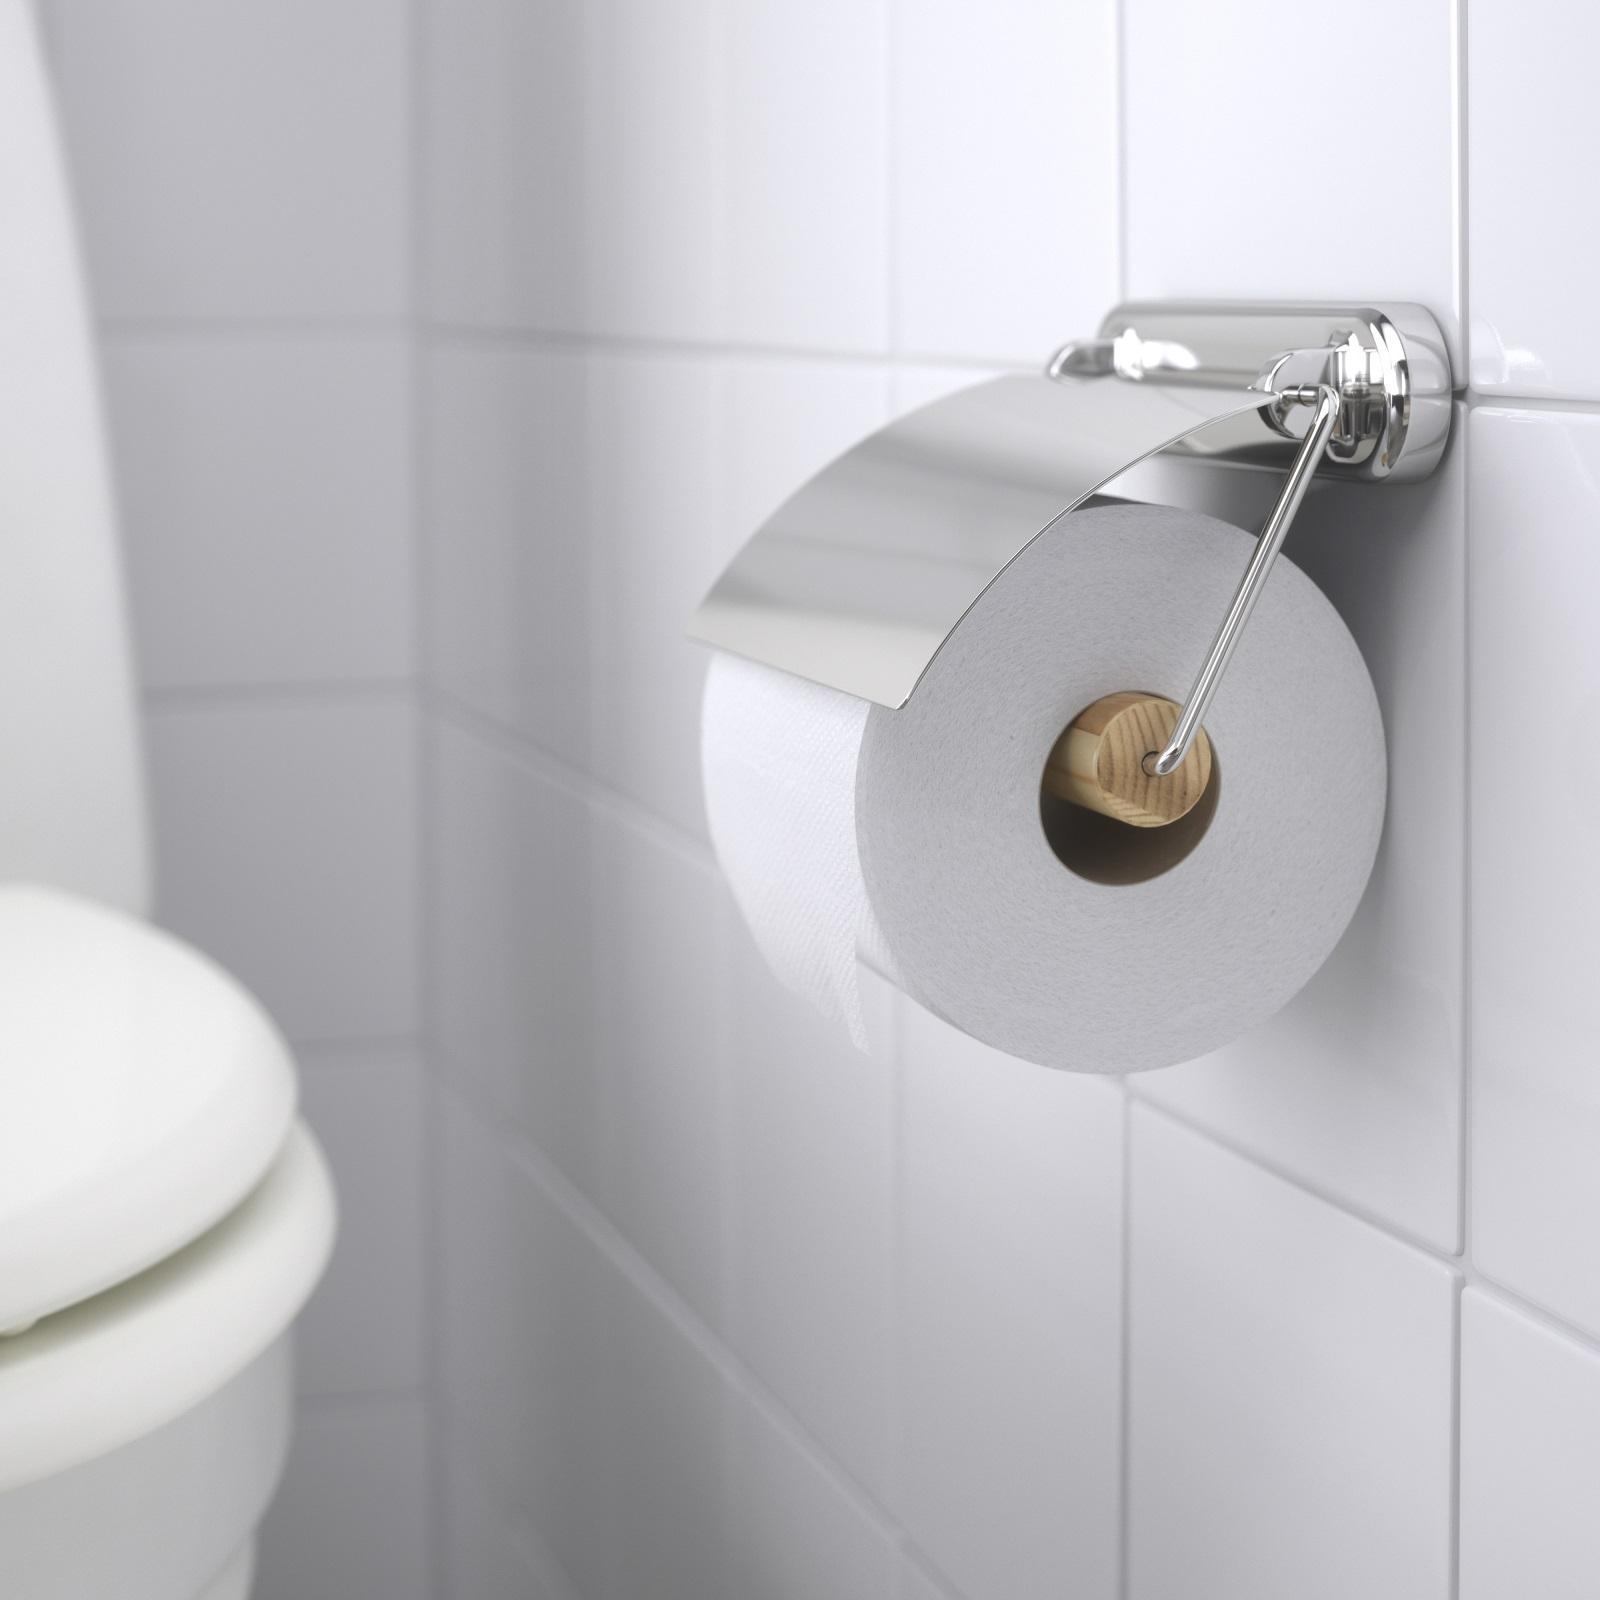 Appendi Accappatoio Da Terra portarotolo della carta igienica: dettaglio ma fondamentale